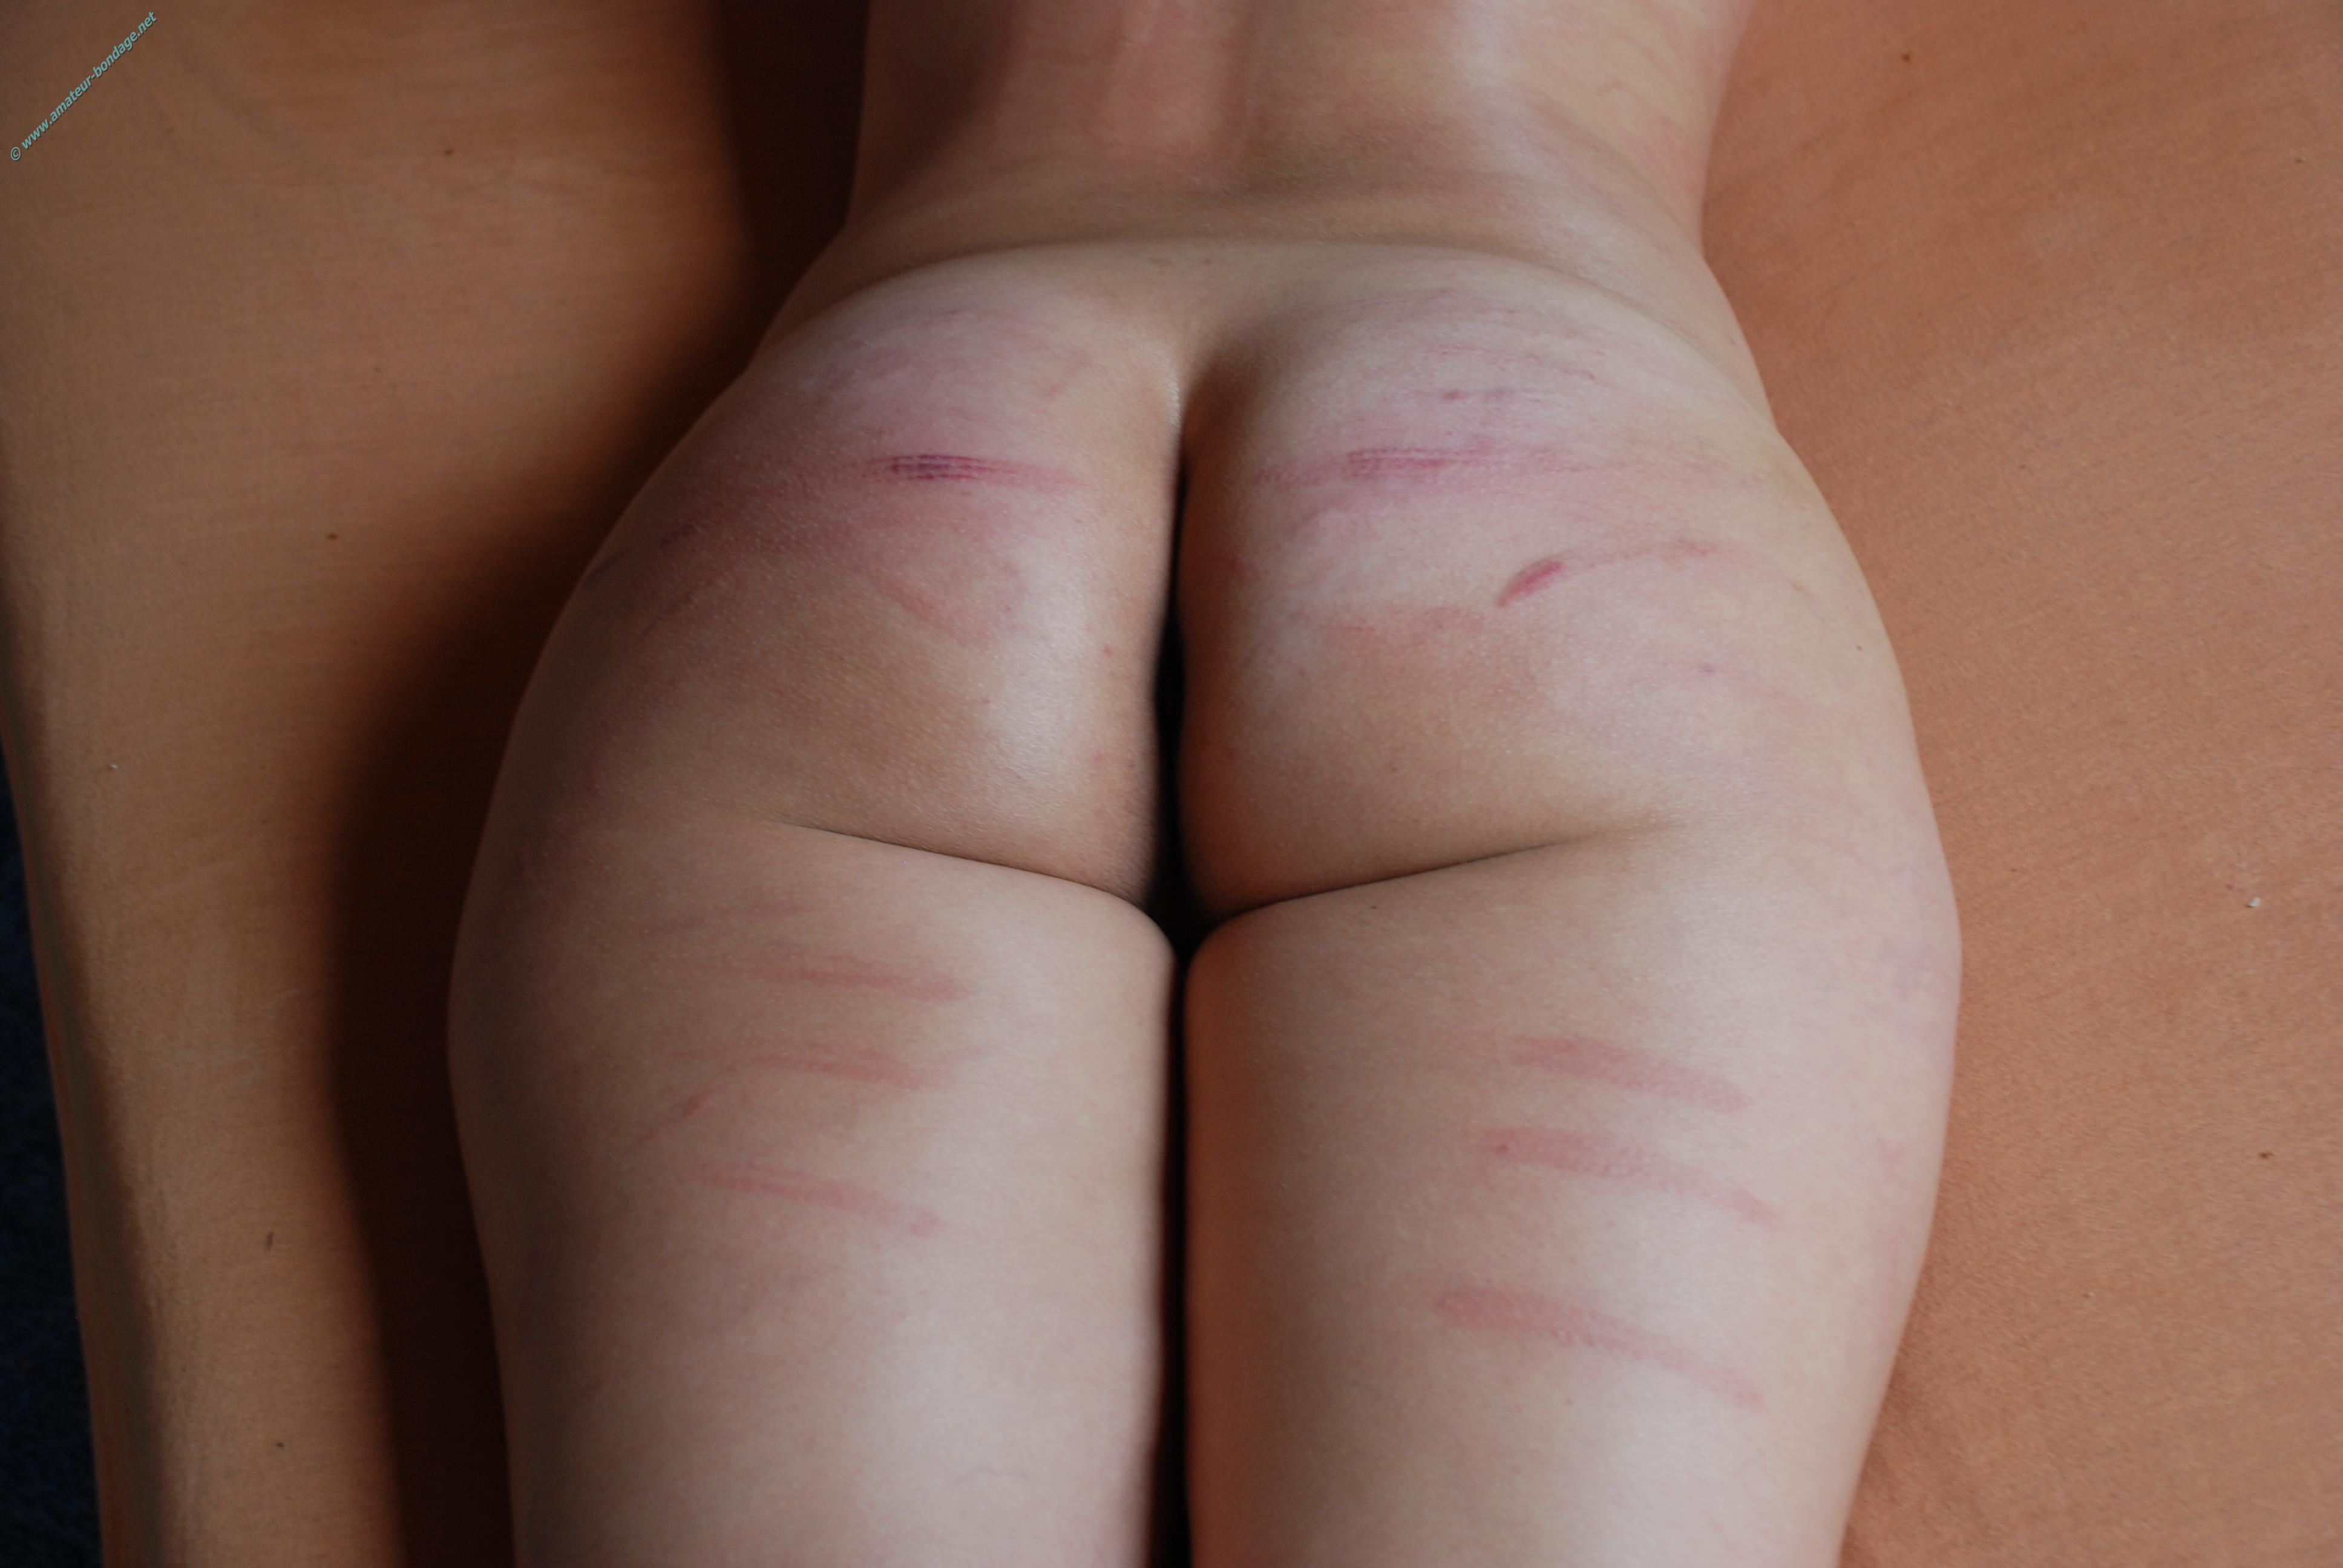 spanking erzählung onanier bilder